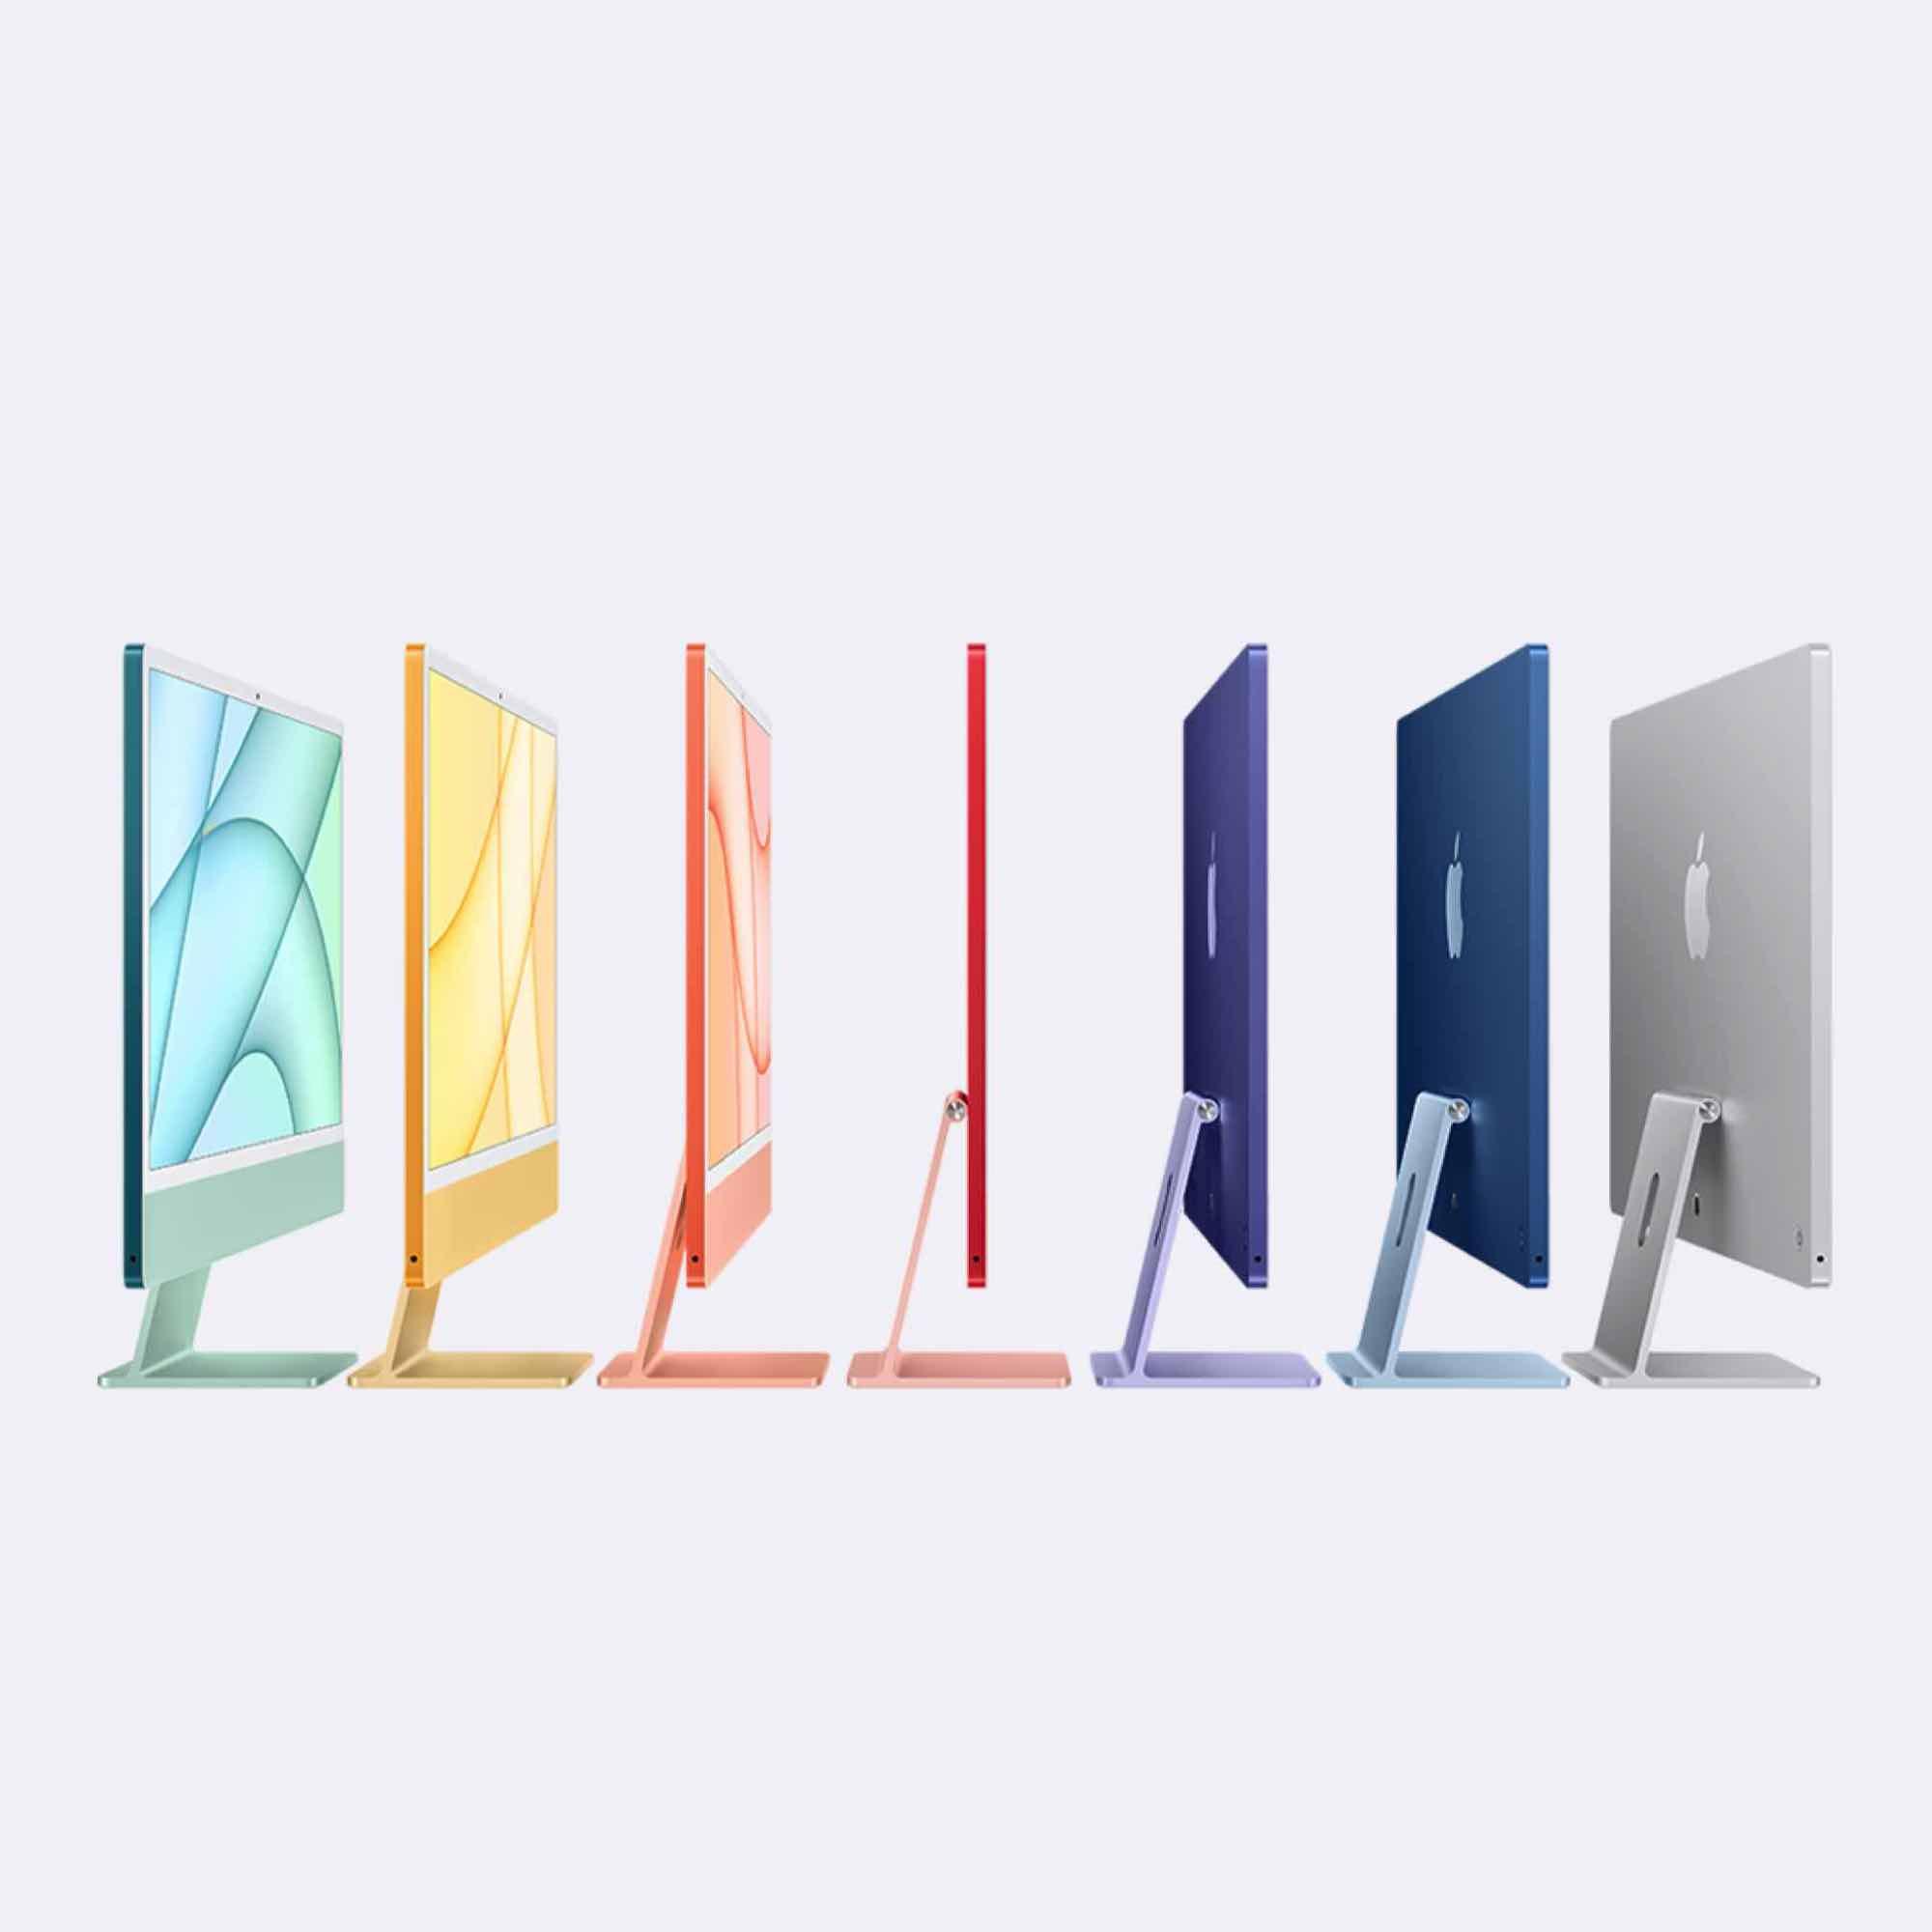 iMac Ninove